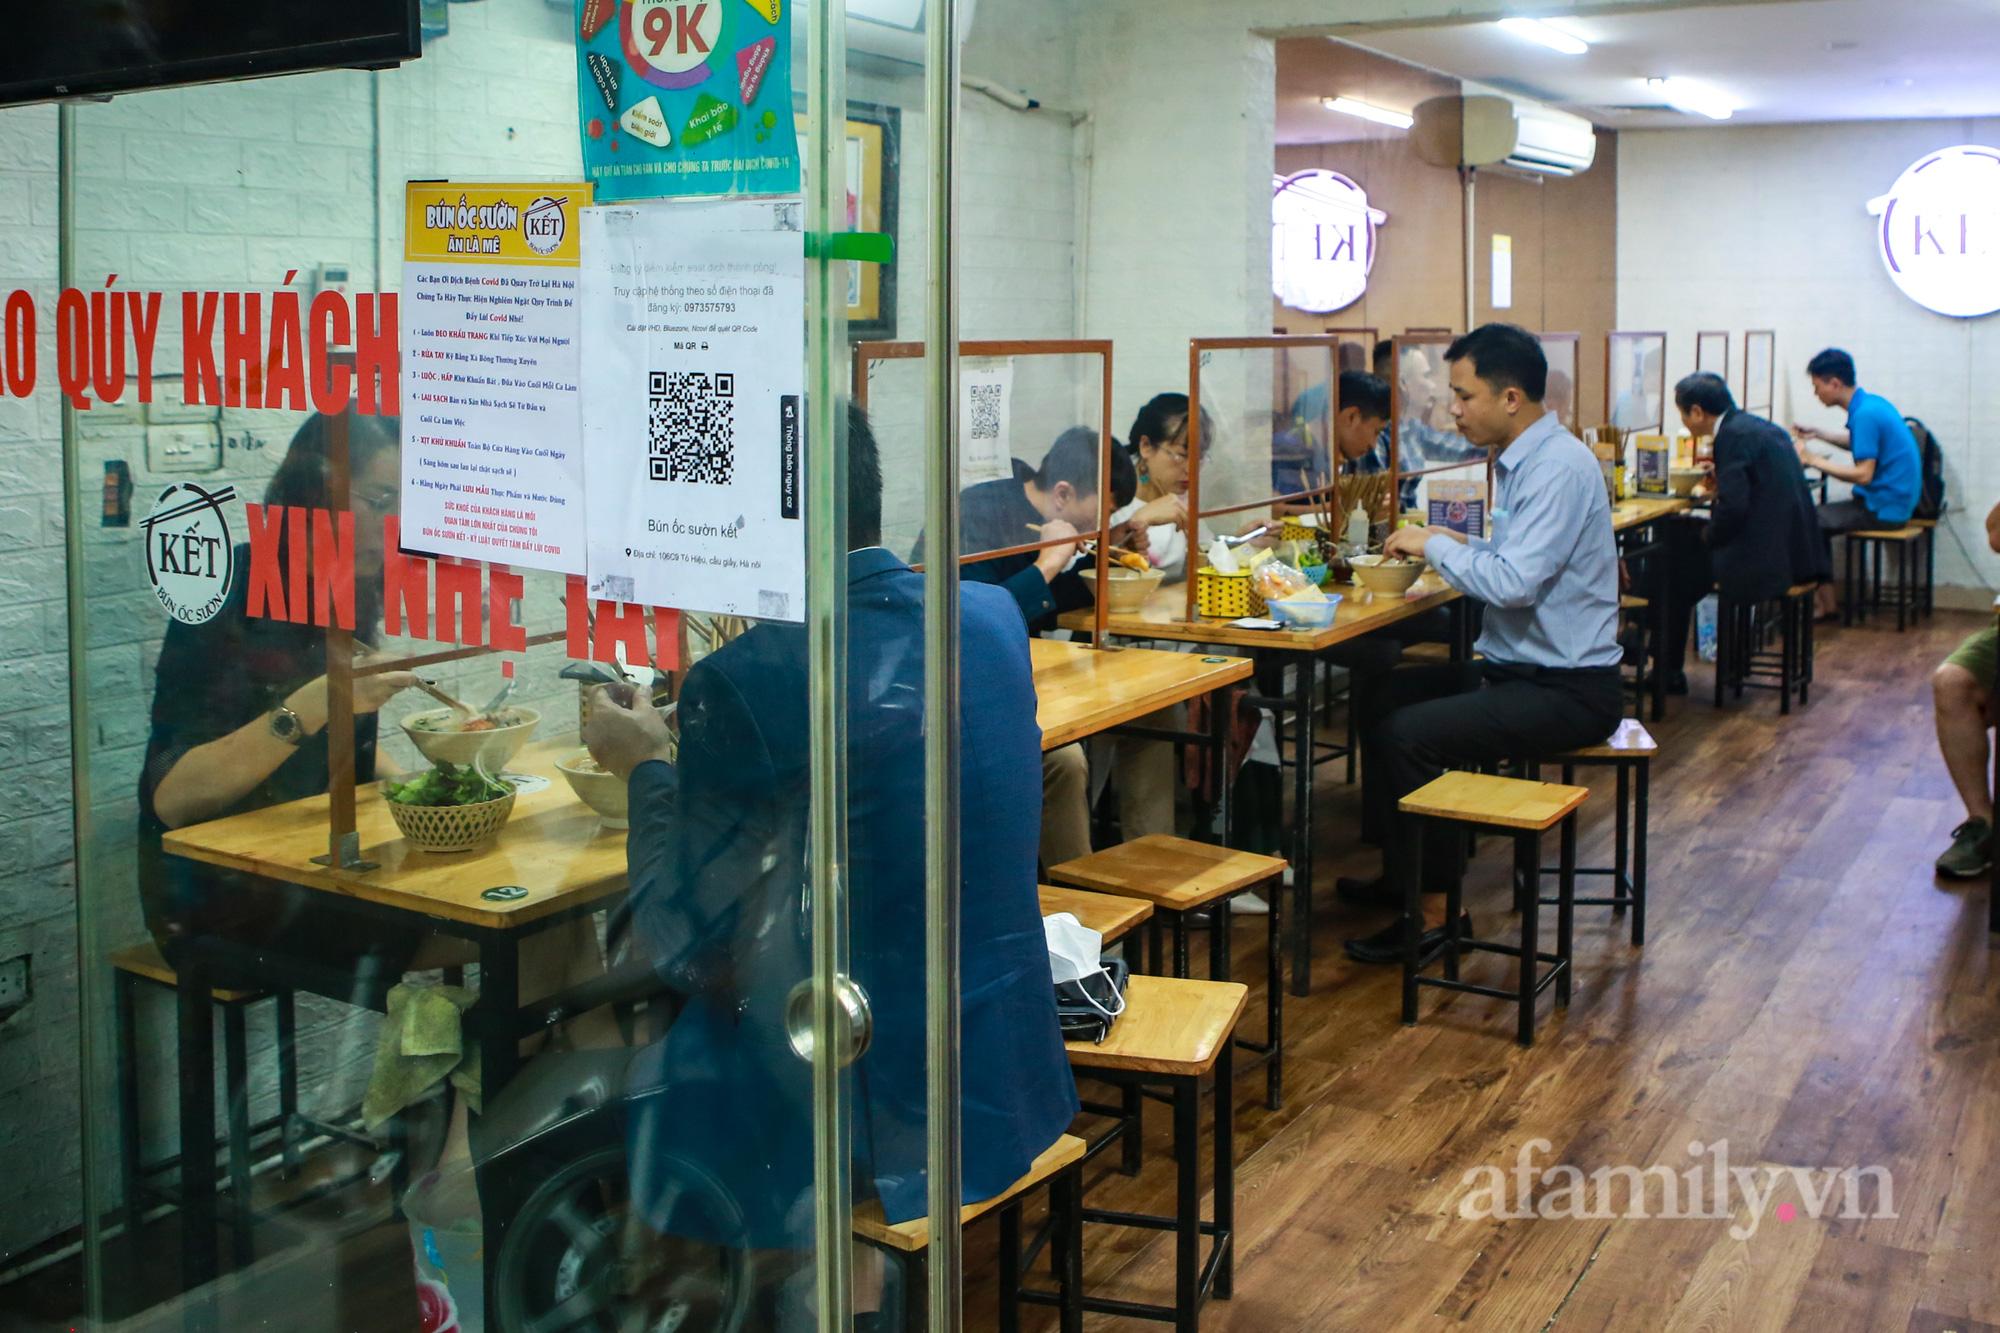 Người Hà Nội hồ hởi dậy sớm đi ăn sáng, cafe khi hàng ăn, uống được mở bán tại chỗ - Ảnh 4.